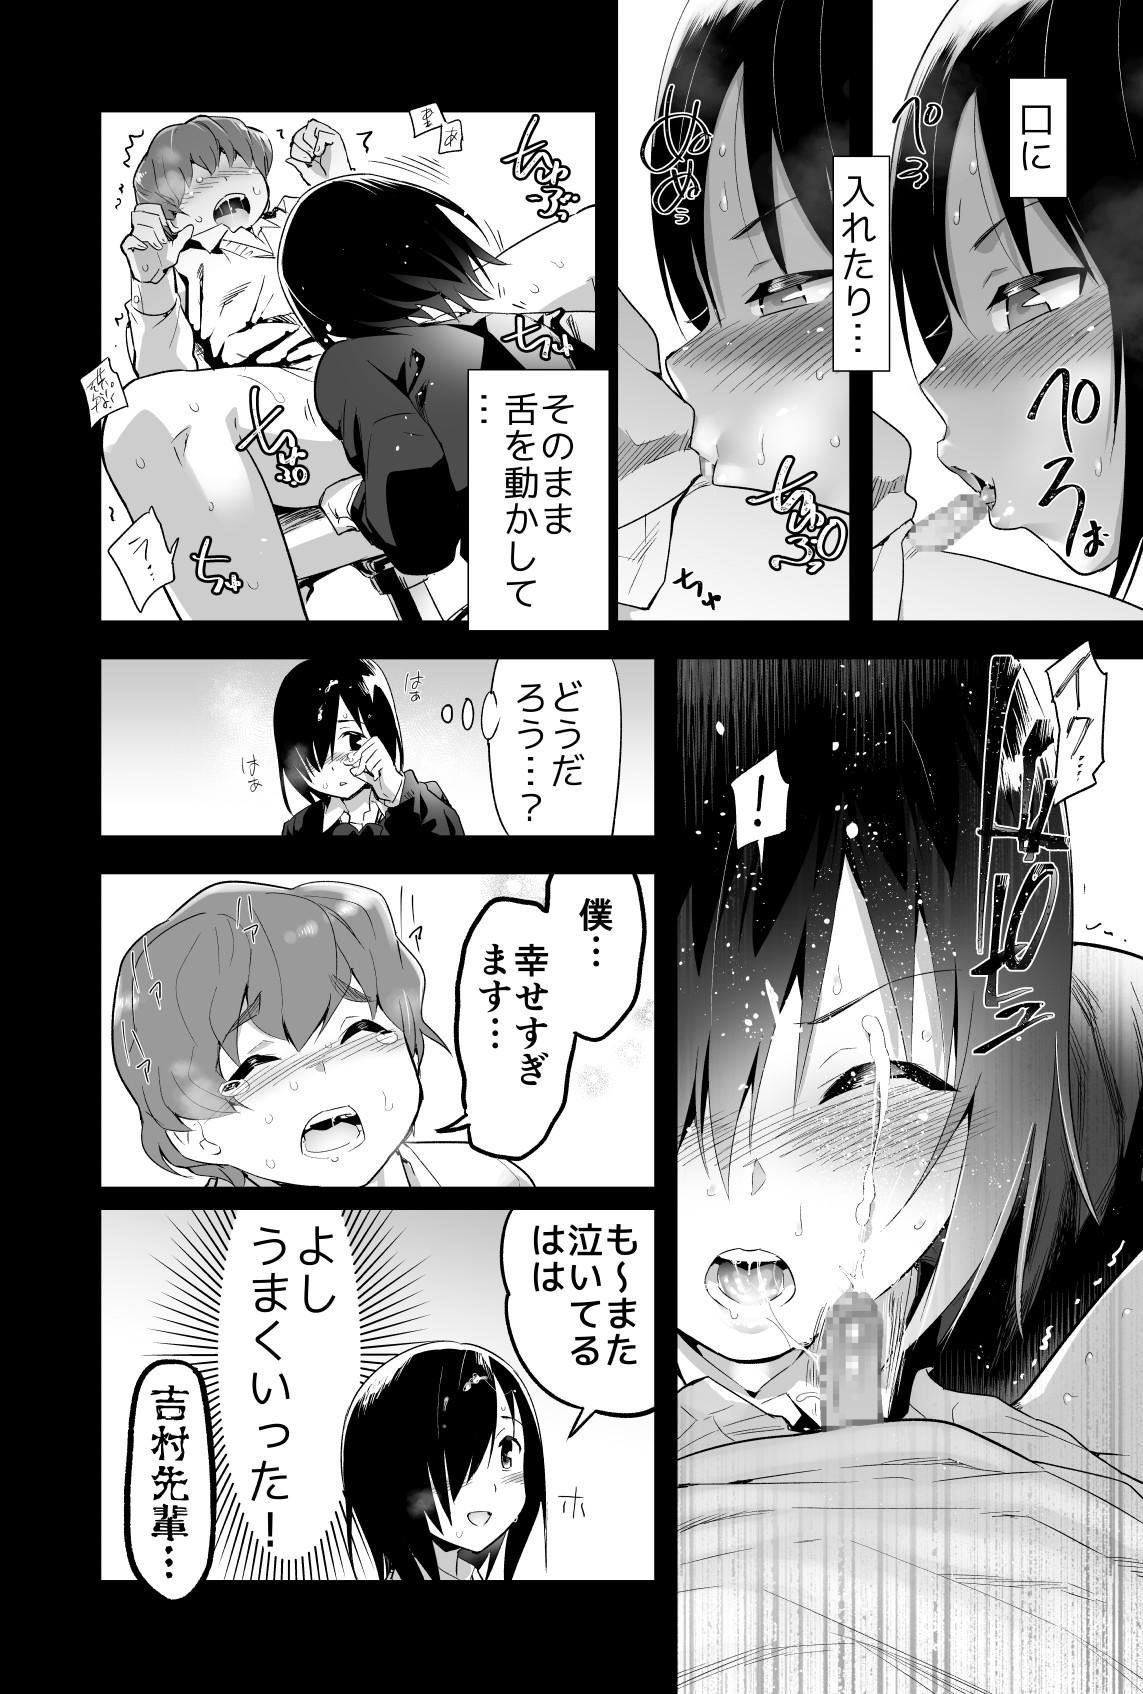 Yoshimura-san Ch. 0 Zenpen 7